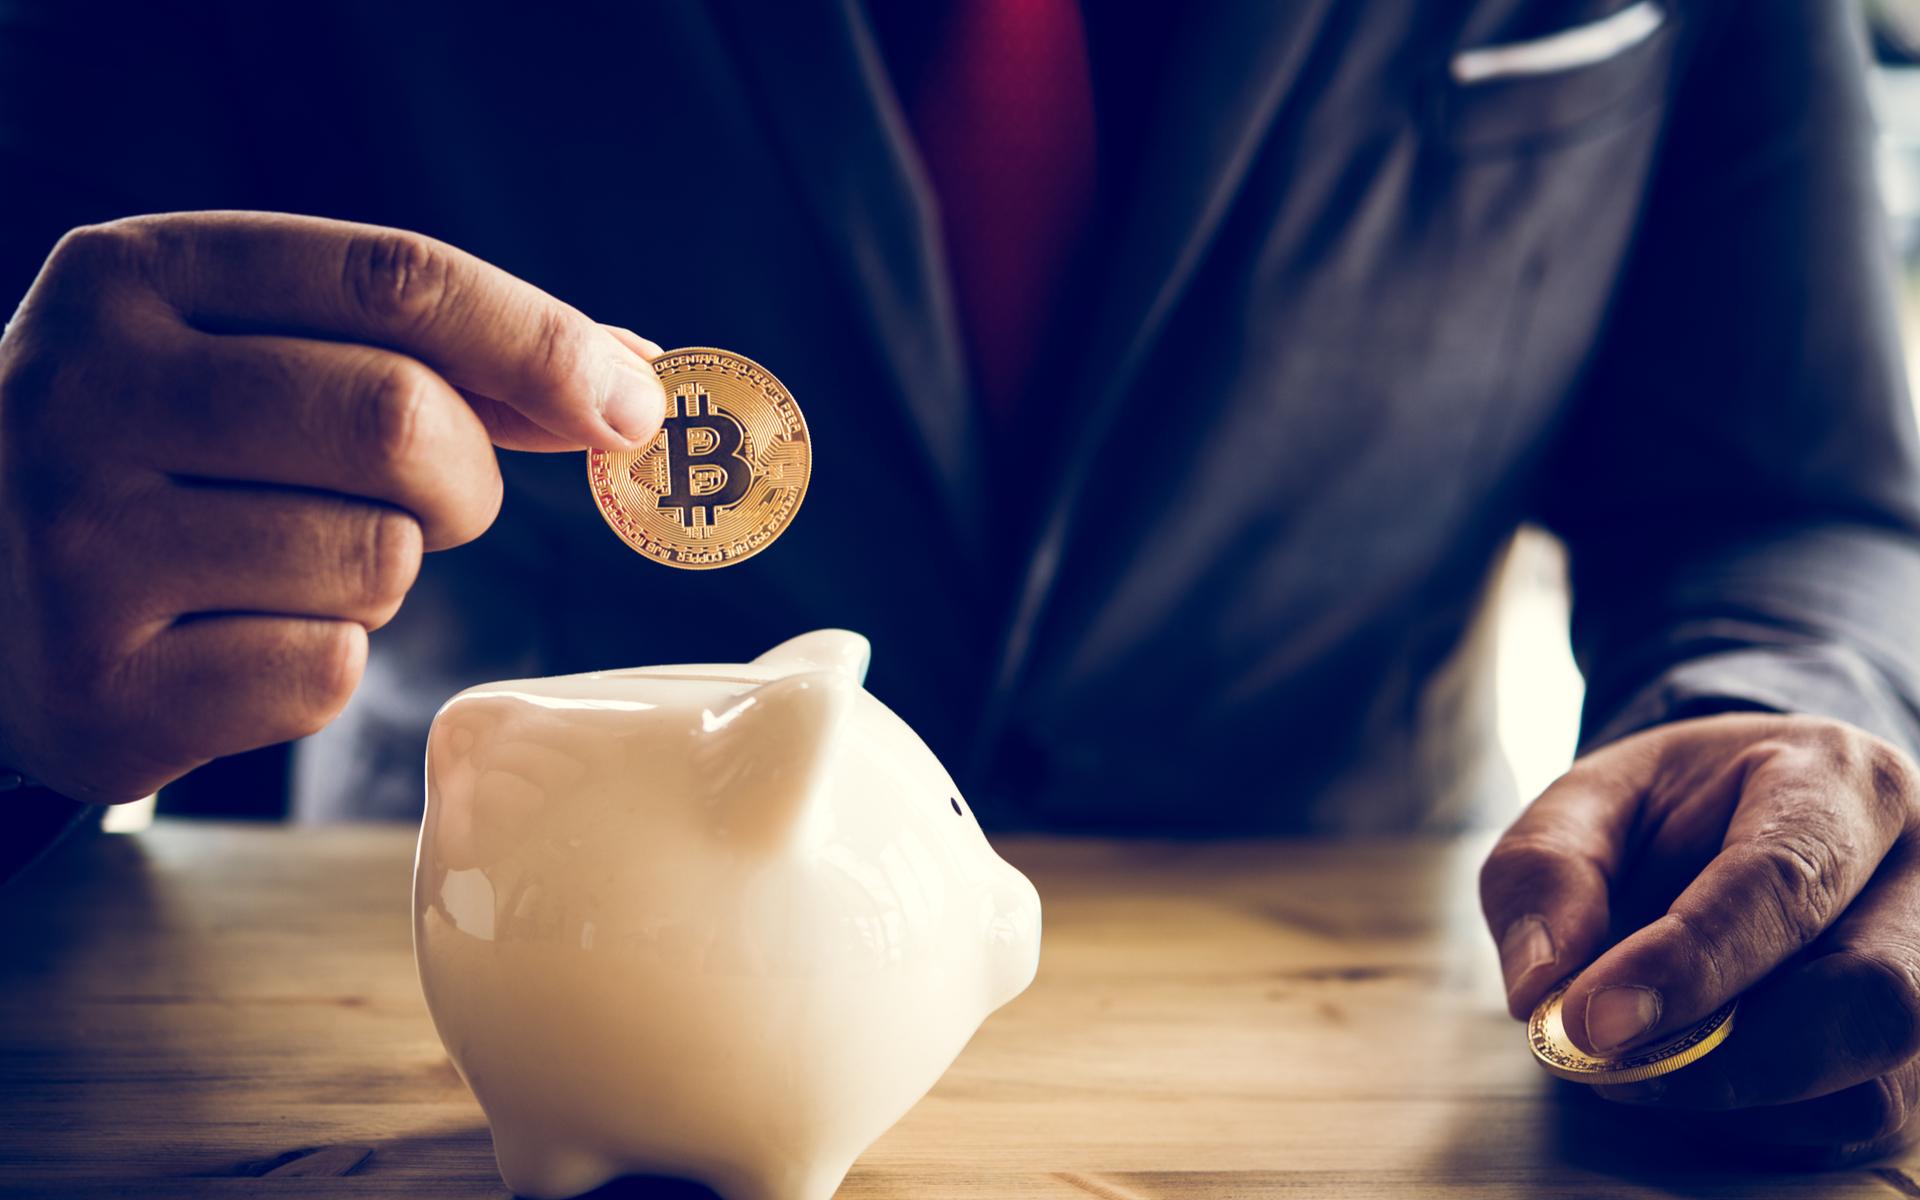 piggy bank bitcoin grayscale